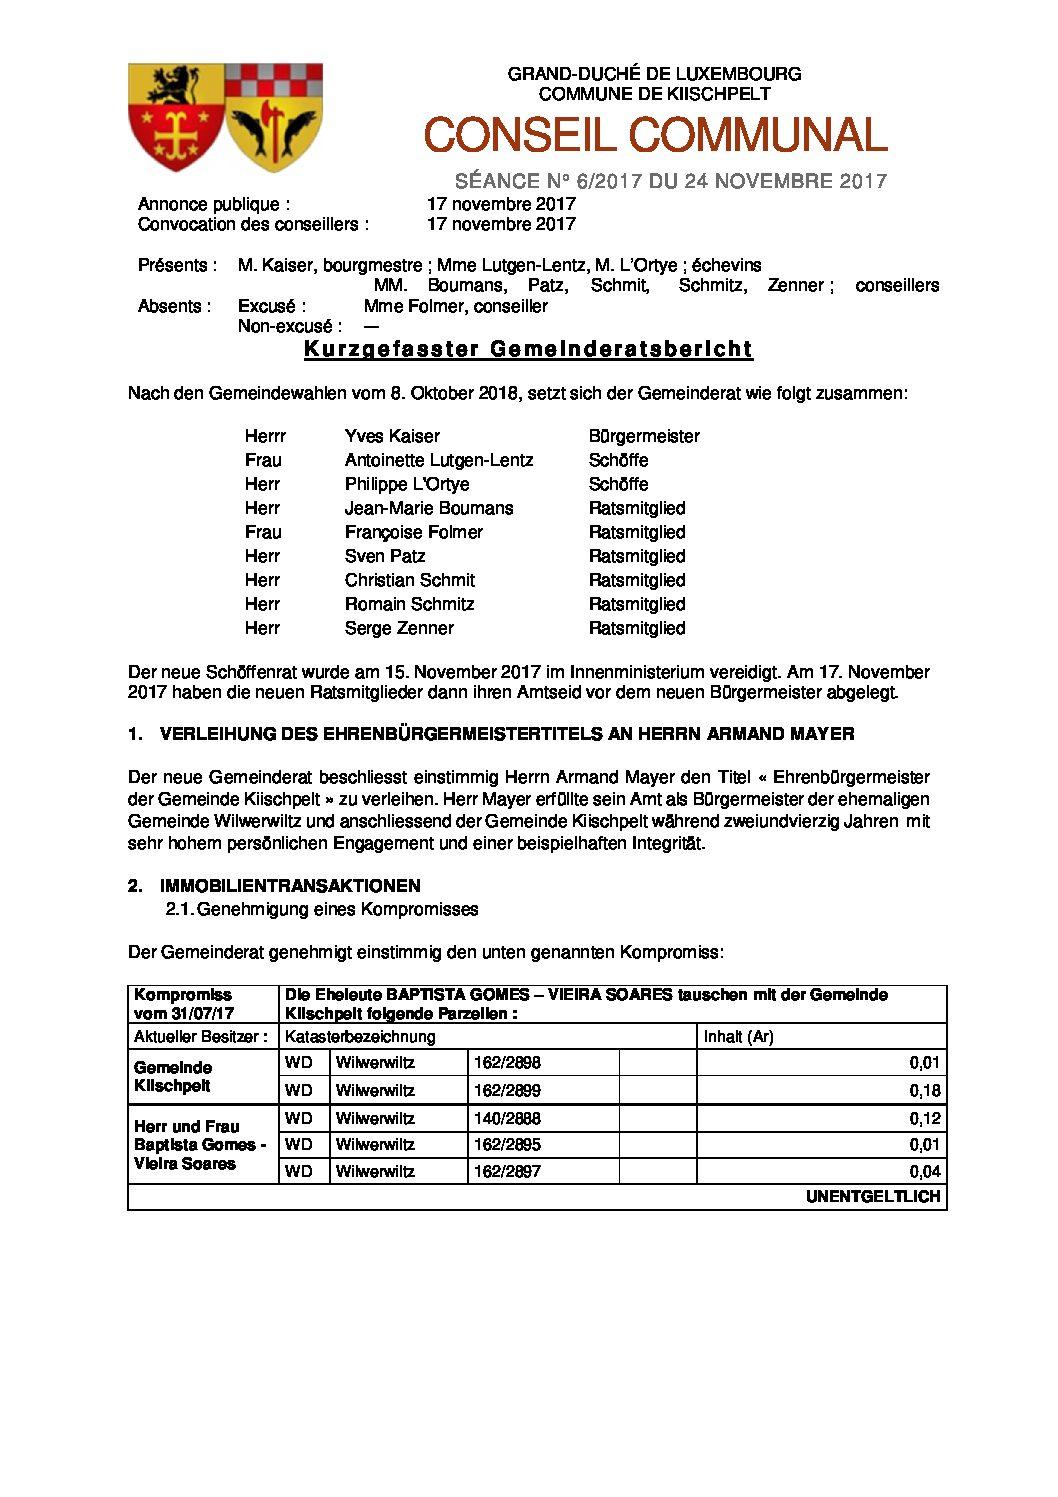 Gemeinderats Bericht vom 24. November 2017